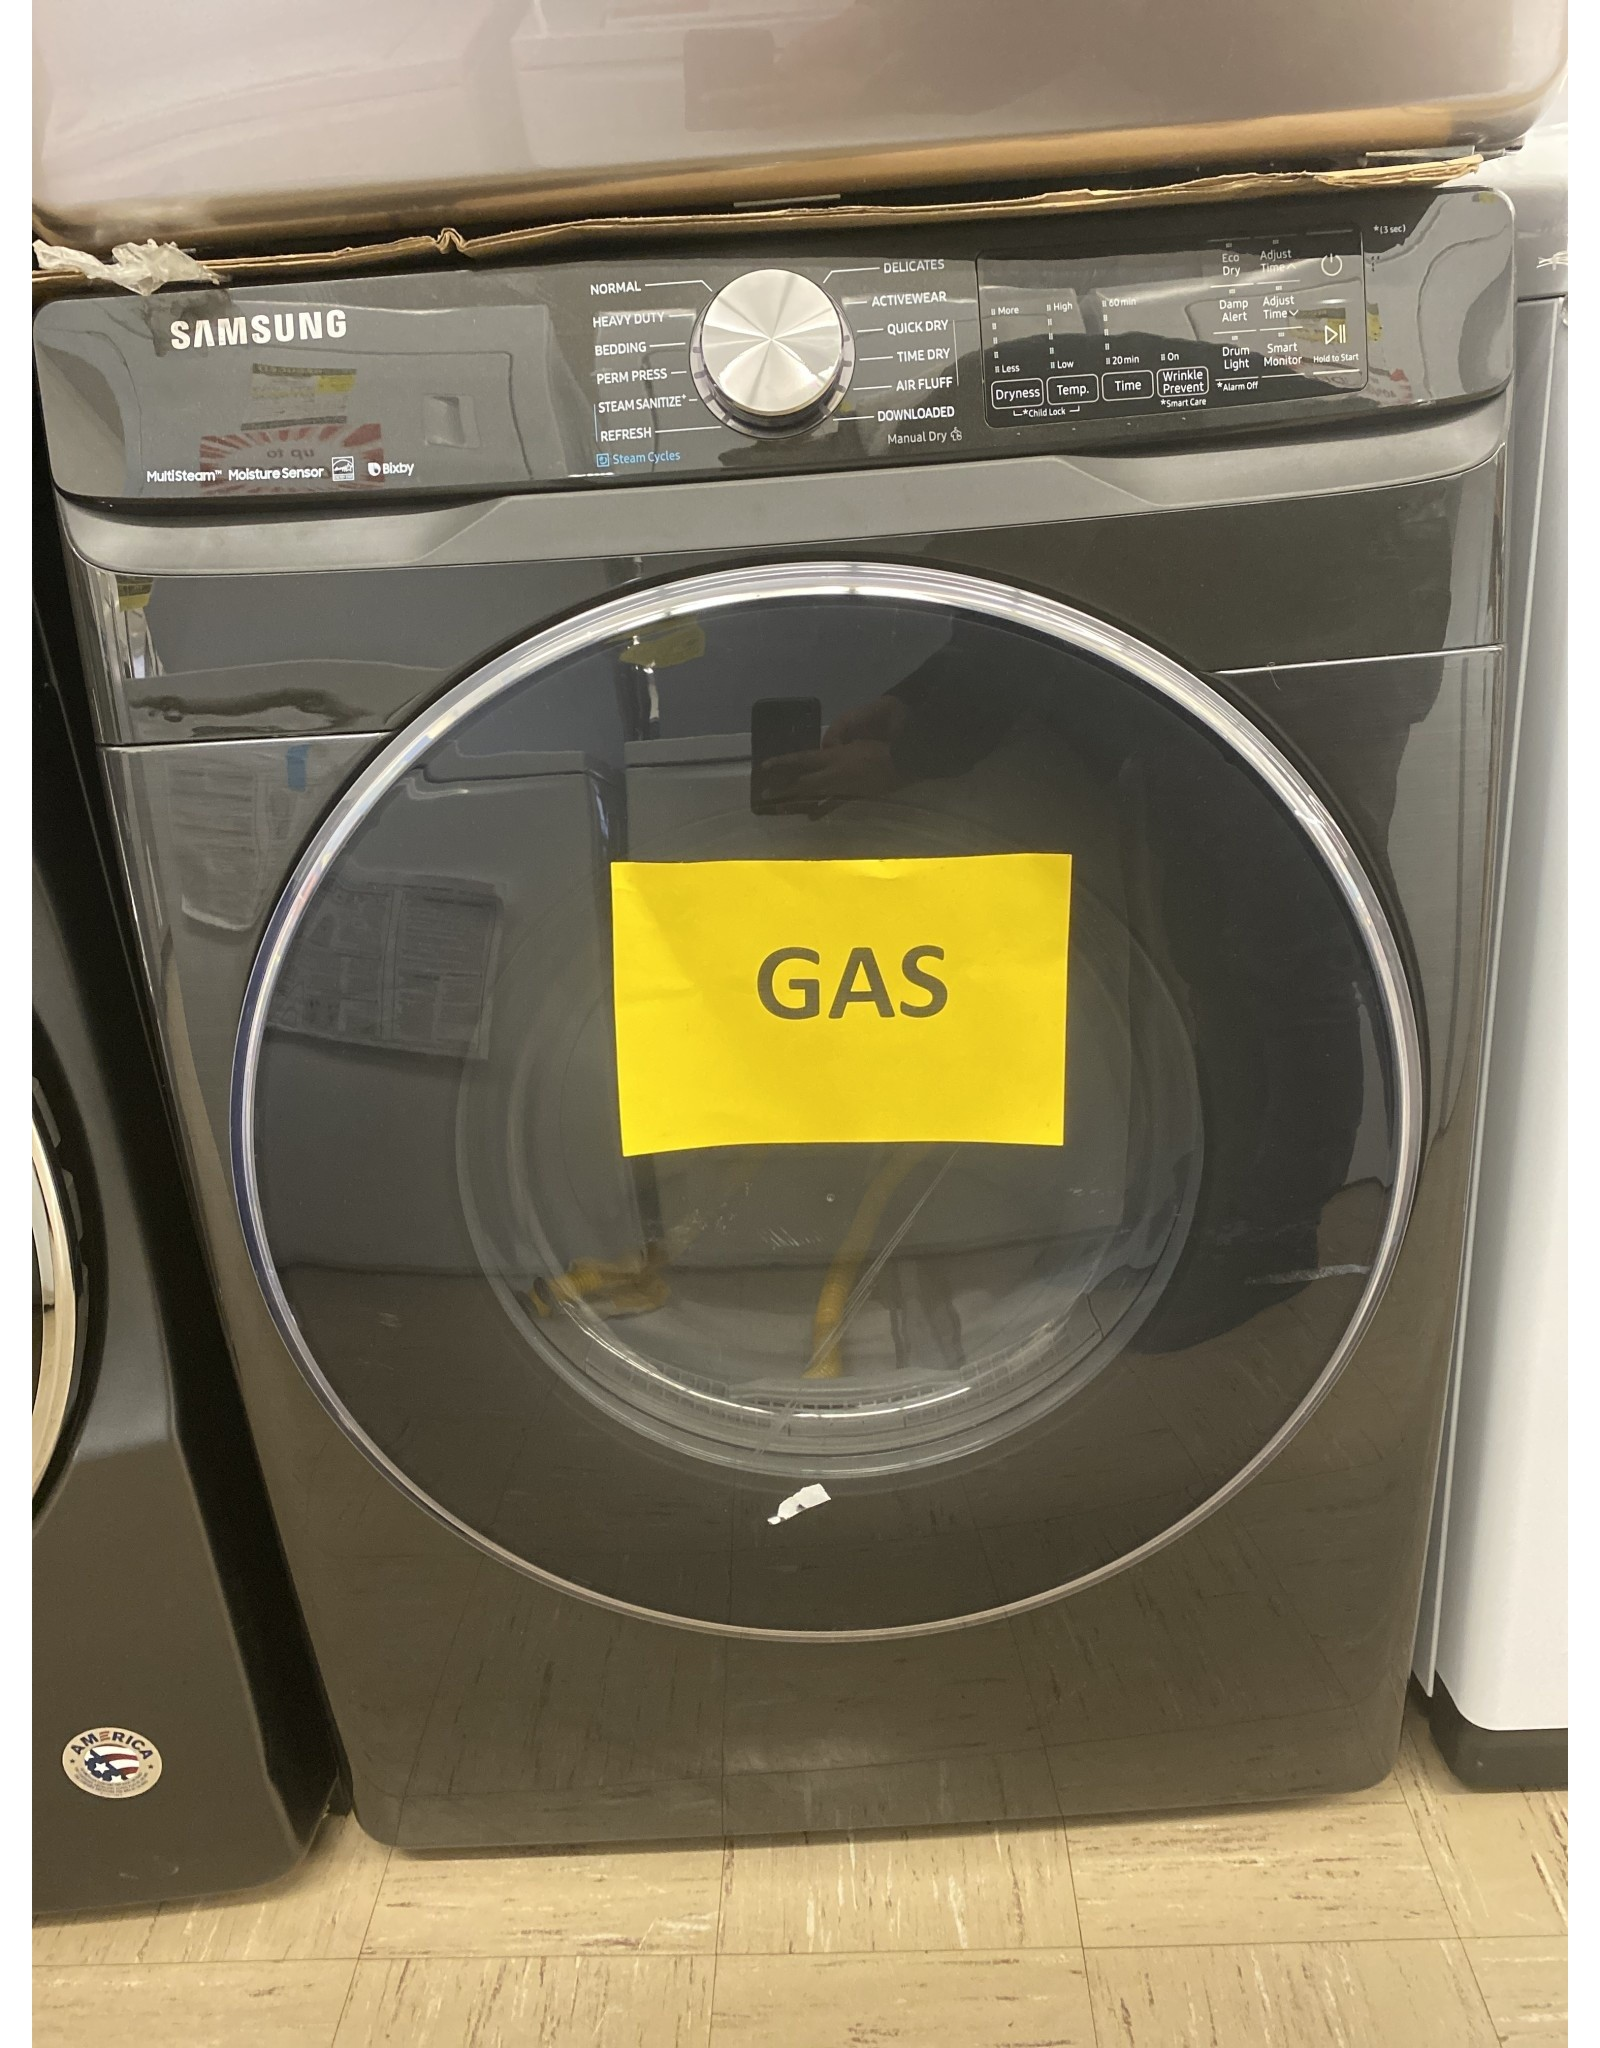 SAMSUNG DVG45R6300V 7.5 cu. ft. Fingerprint Resistant Black Stainless Gas Dryer with Steam Sanitize+